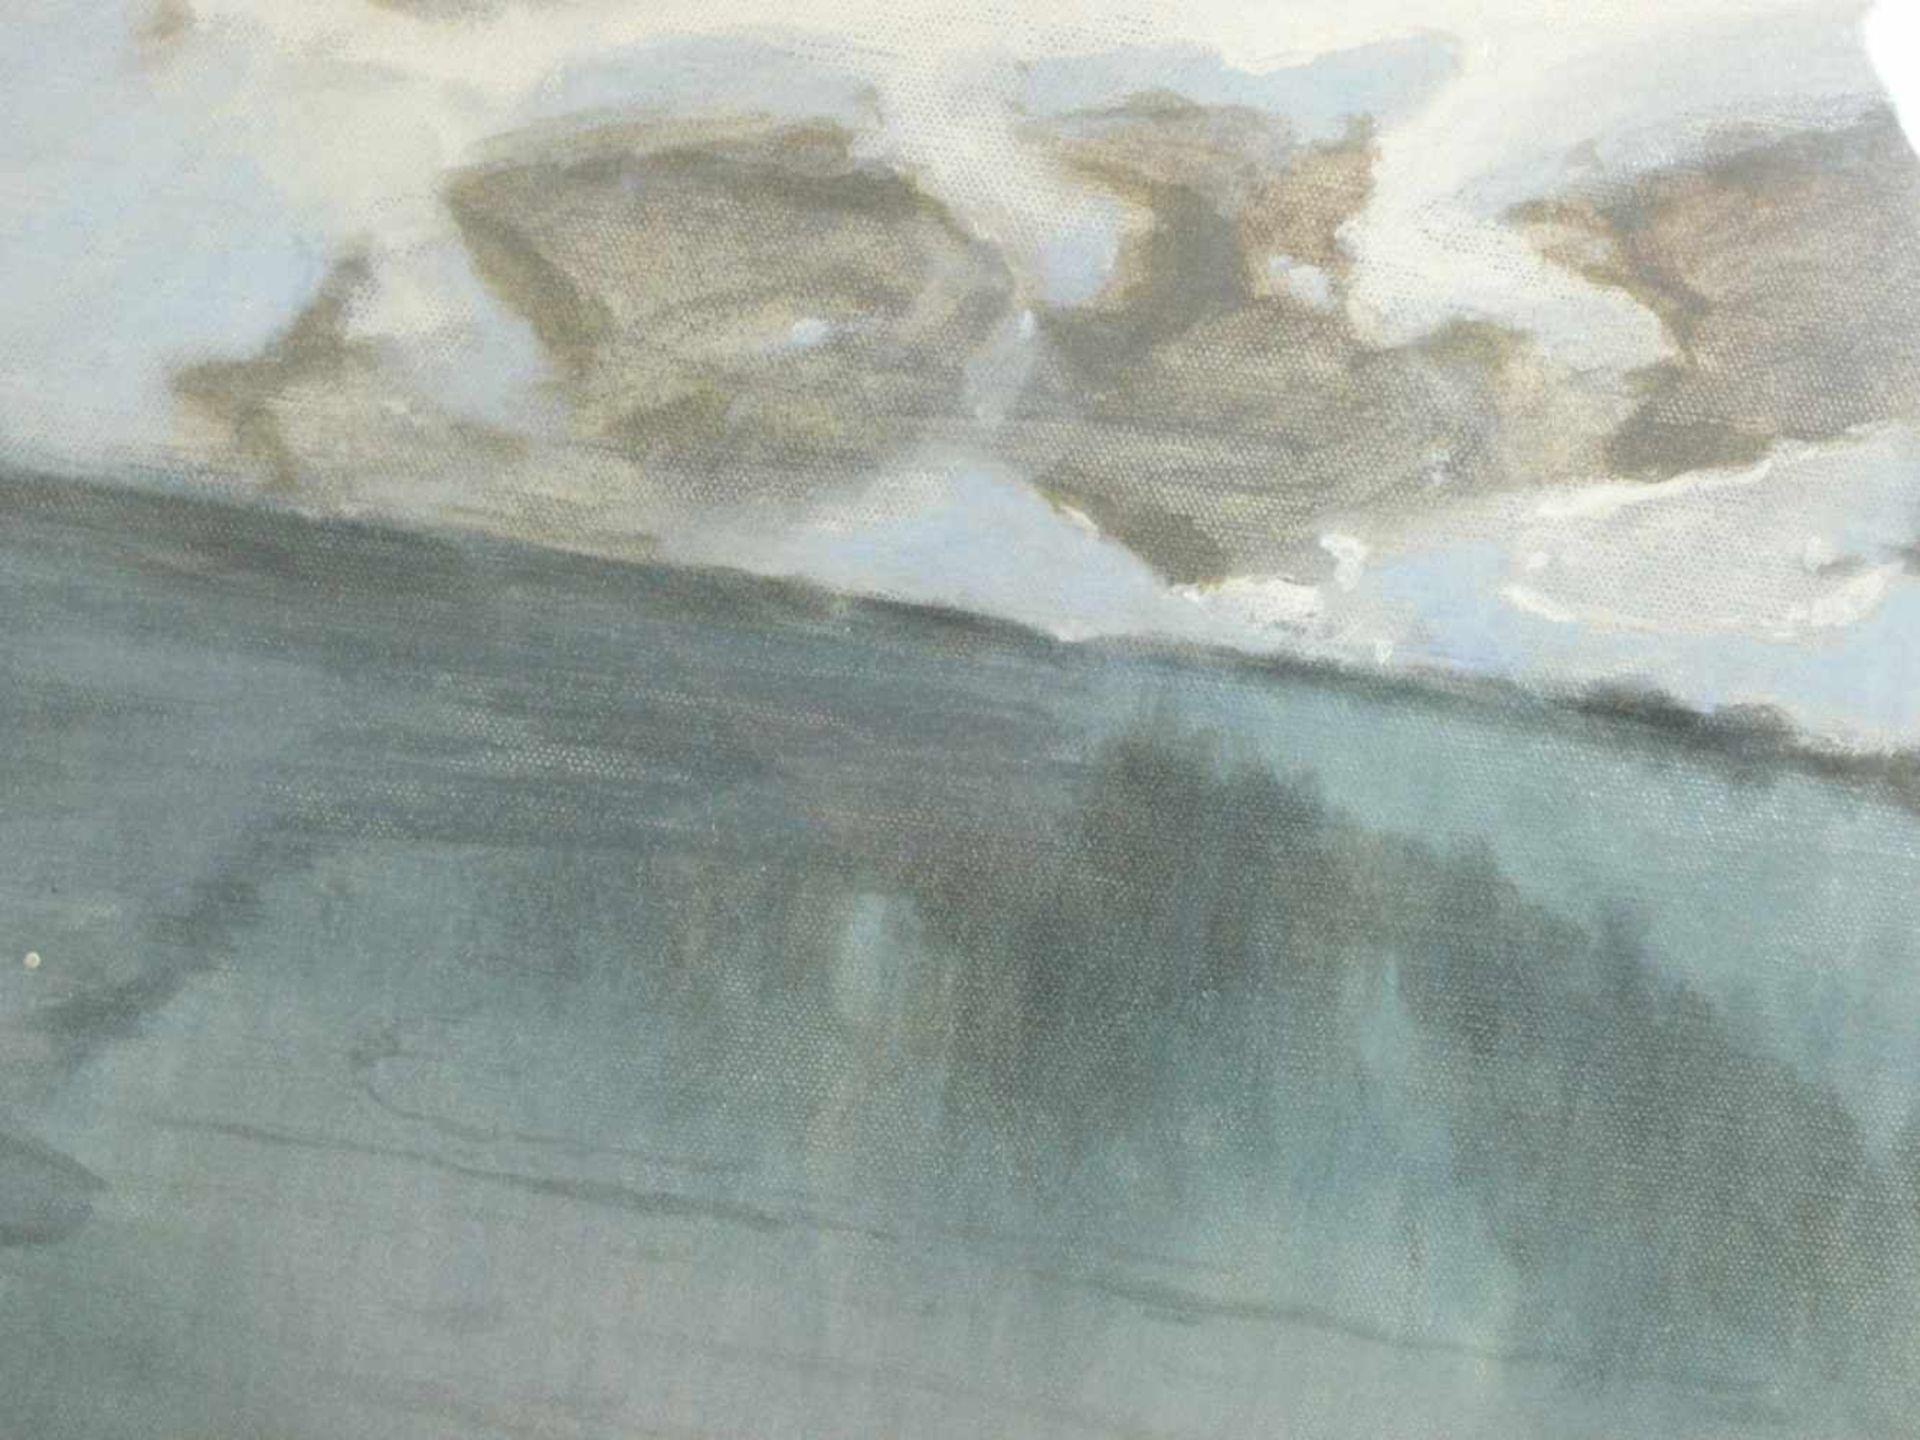 Hans Ritter von Petersen (1850-1914) - SchneeschmelzeIdyllische Winterlandschaft durch die ein - Bild 6 aus 8